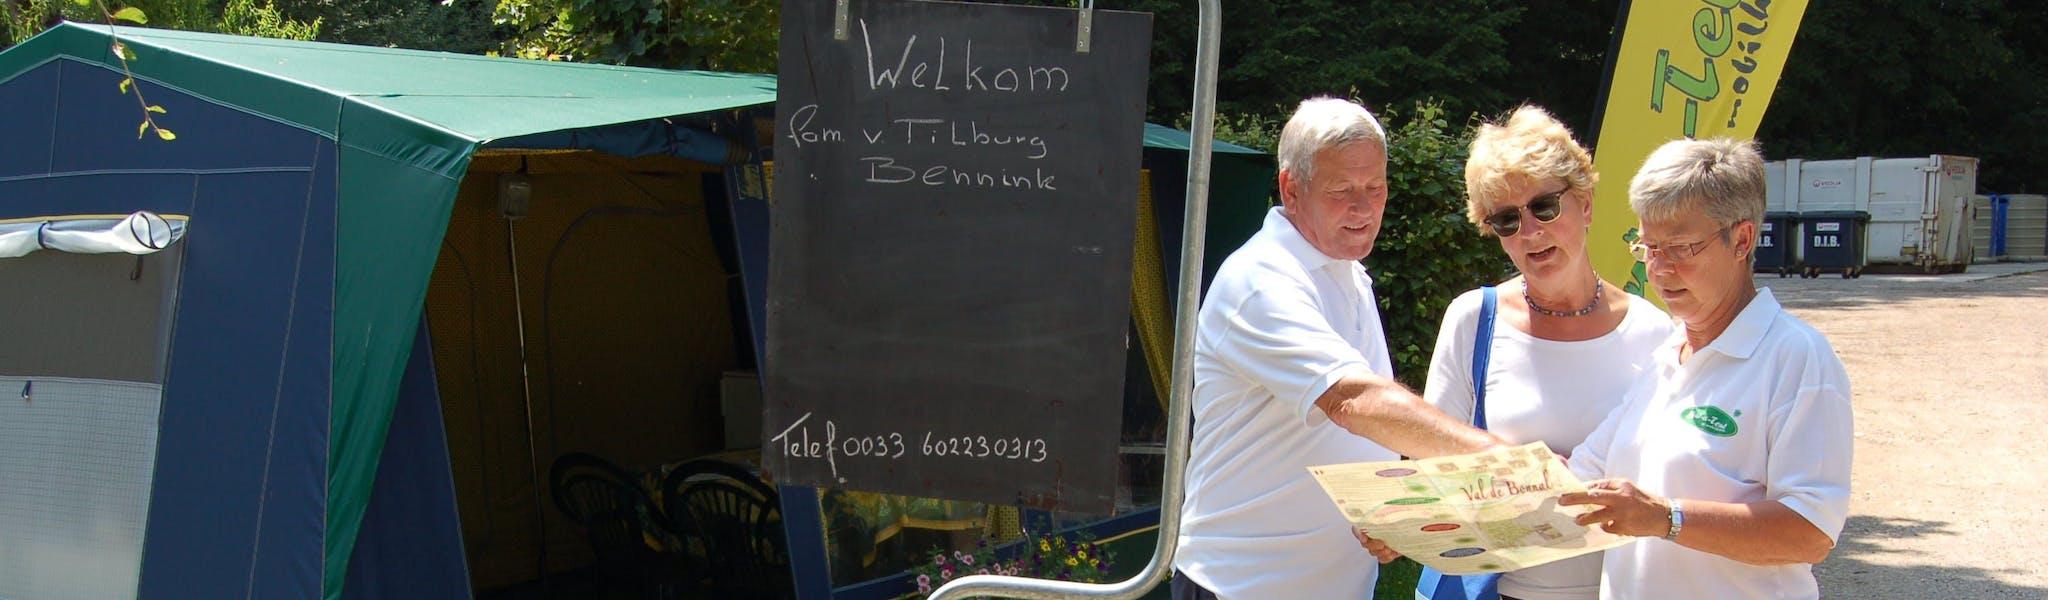 Vragen beheerders Rent-a-Tent